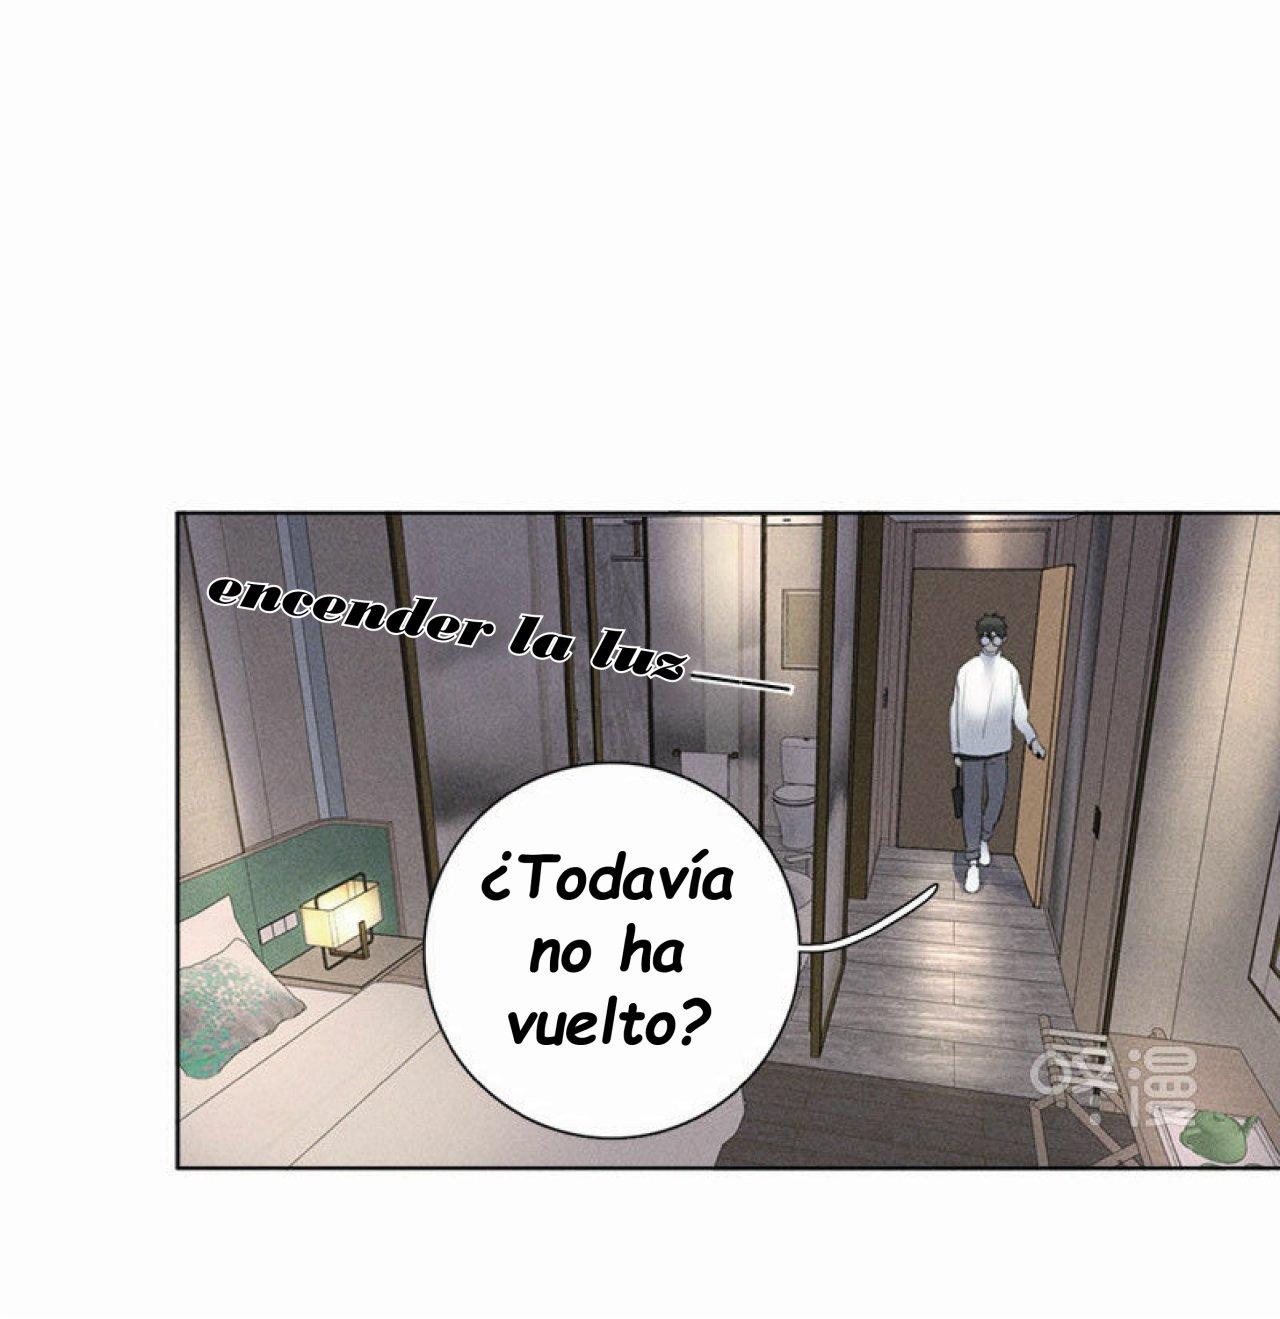 https://nine.mangadogs.com/es_manga/pic8/29/24925/946329/f5efd30f66df1357b7f22fe4bc036951.jpg Page 43